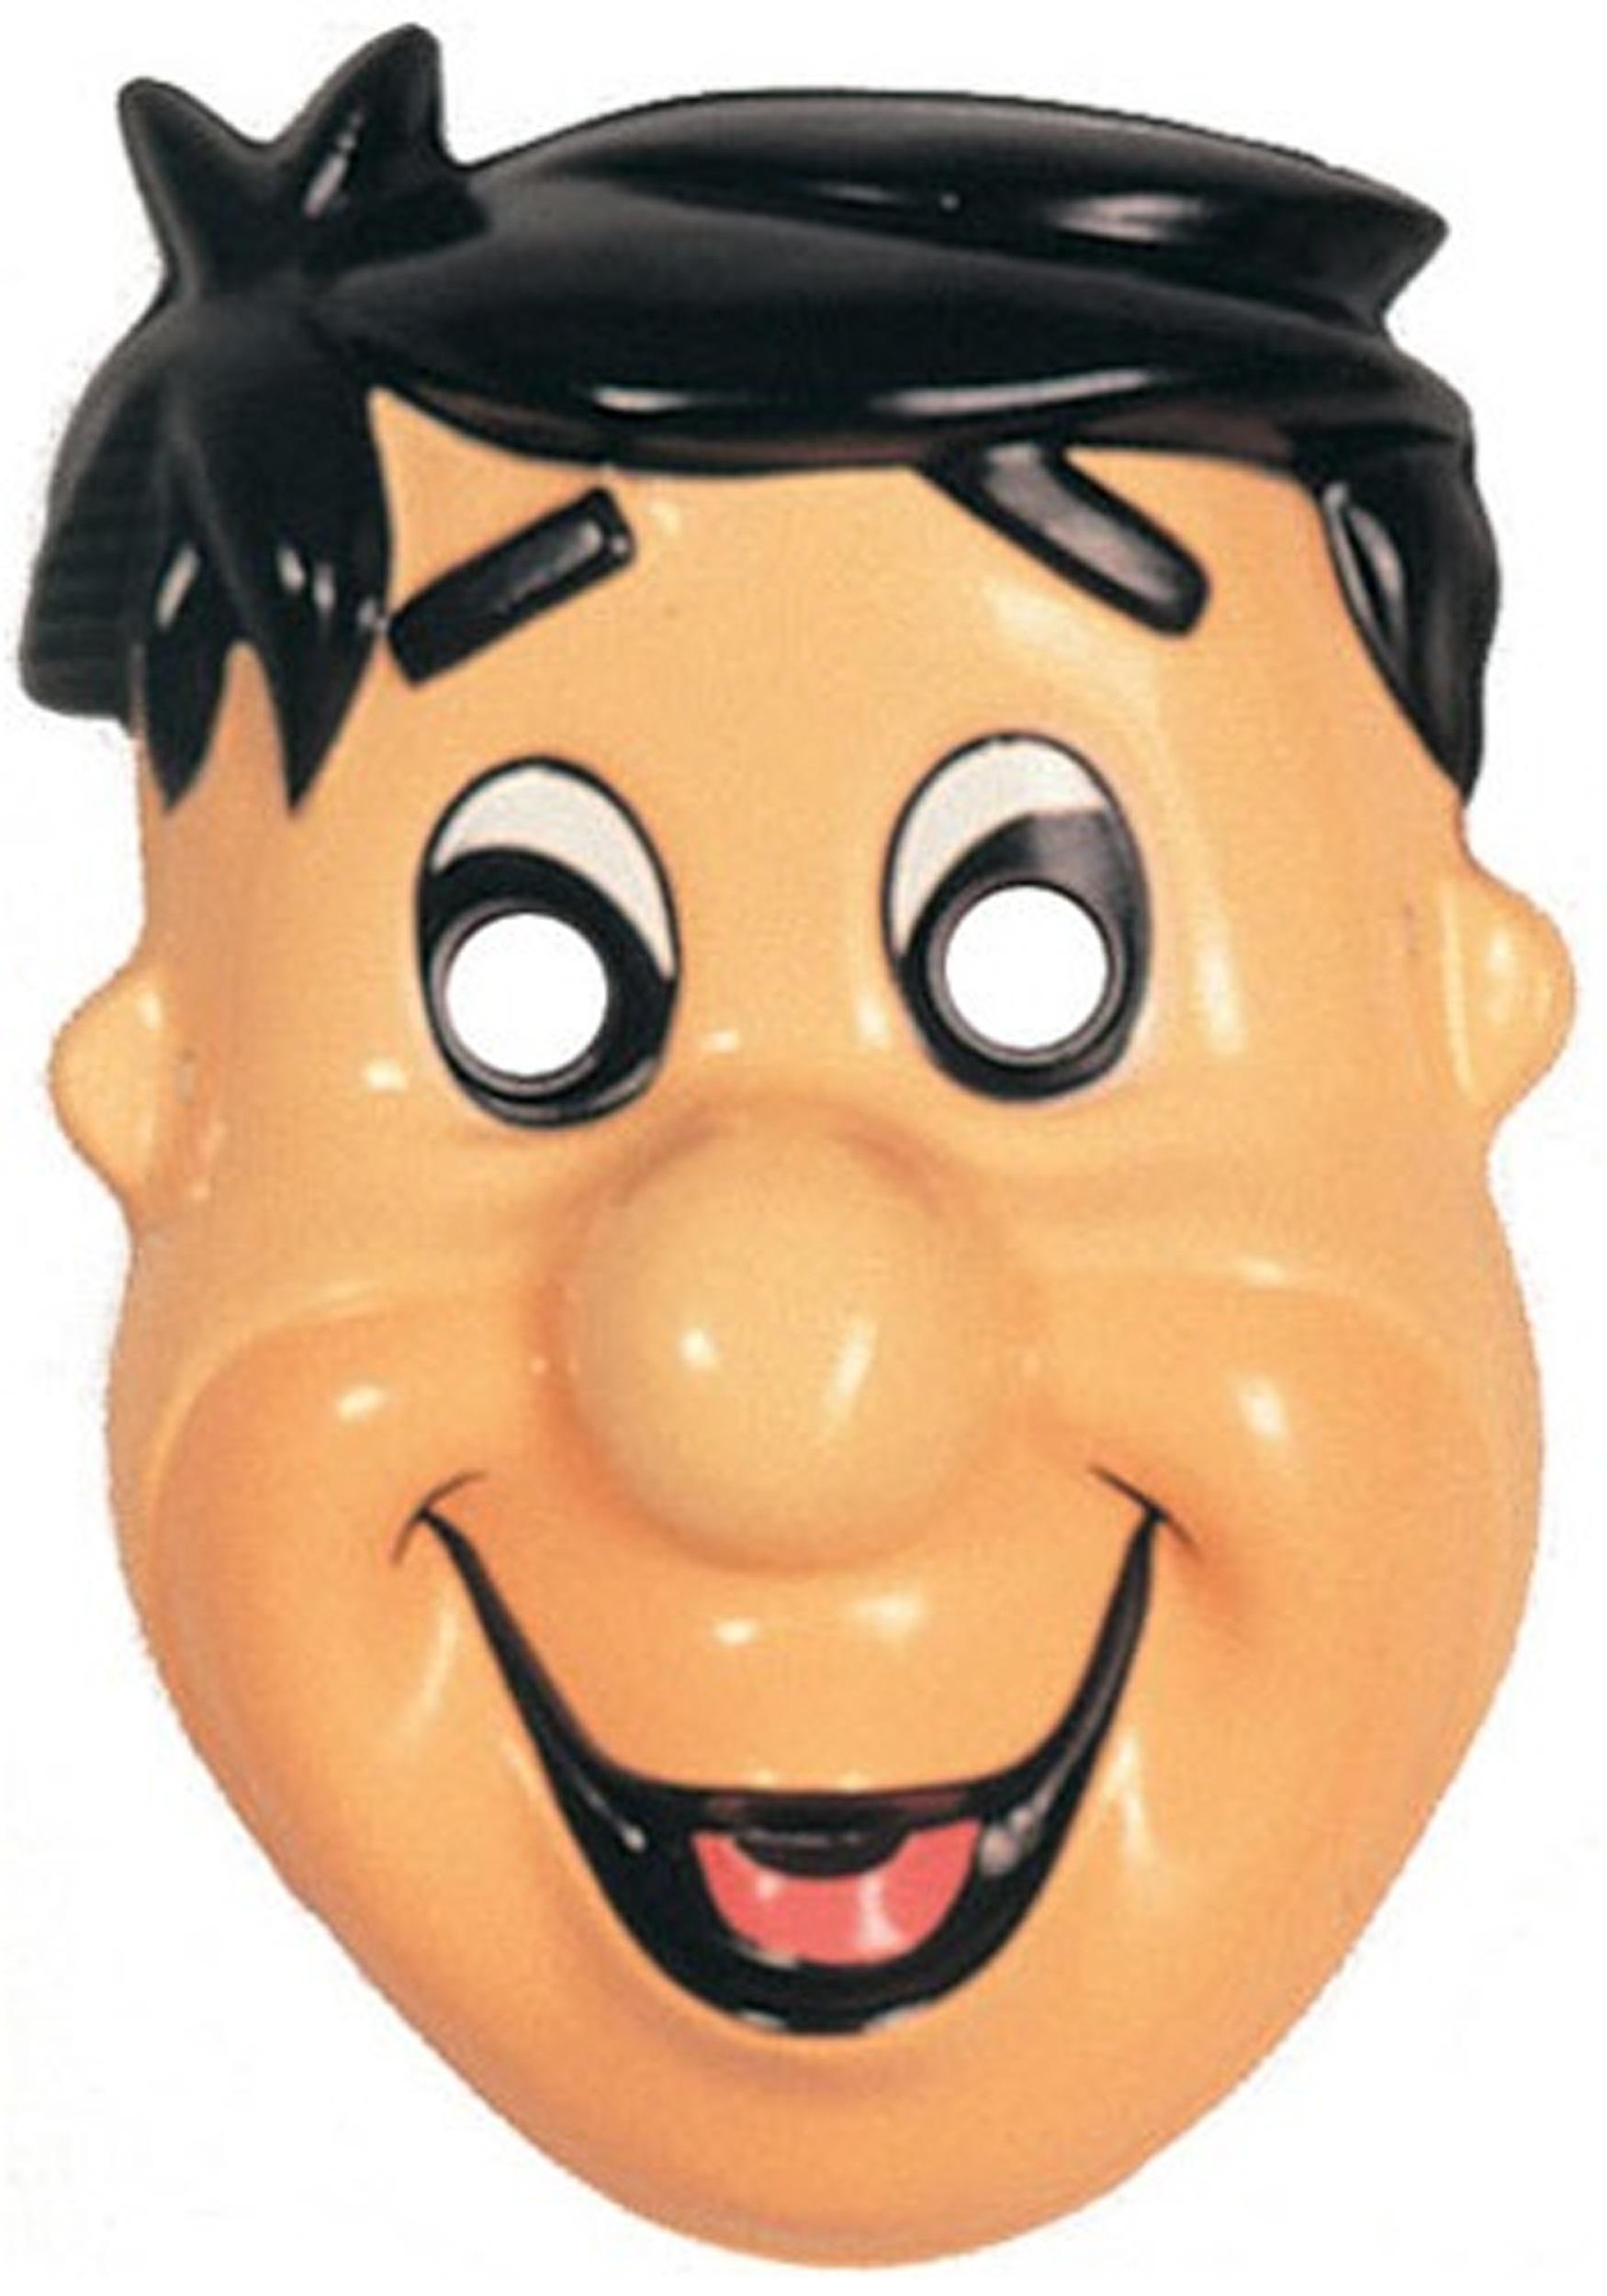 Fred Flintstone Pvc Mask